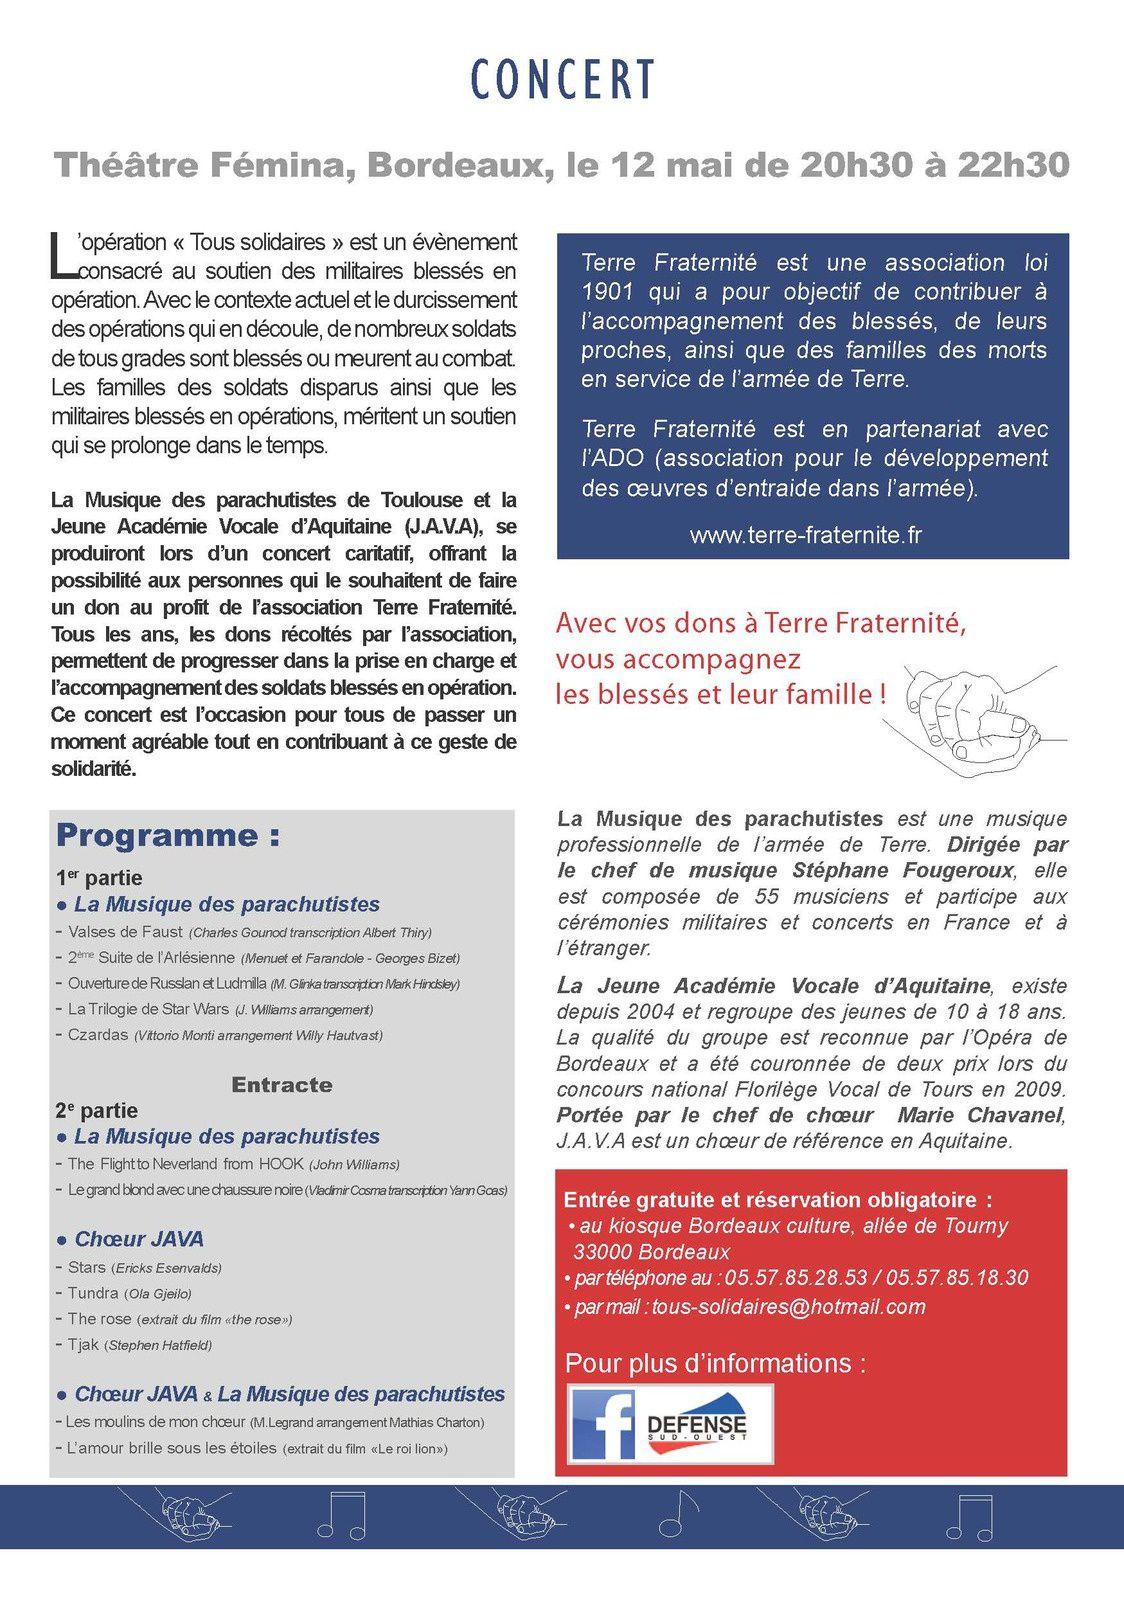 Concert caritatif au profit des soldats de l'armée de Terre blessés pour la France